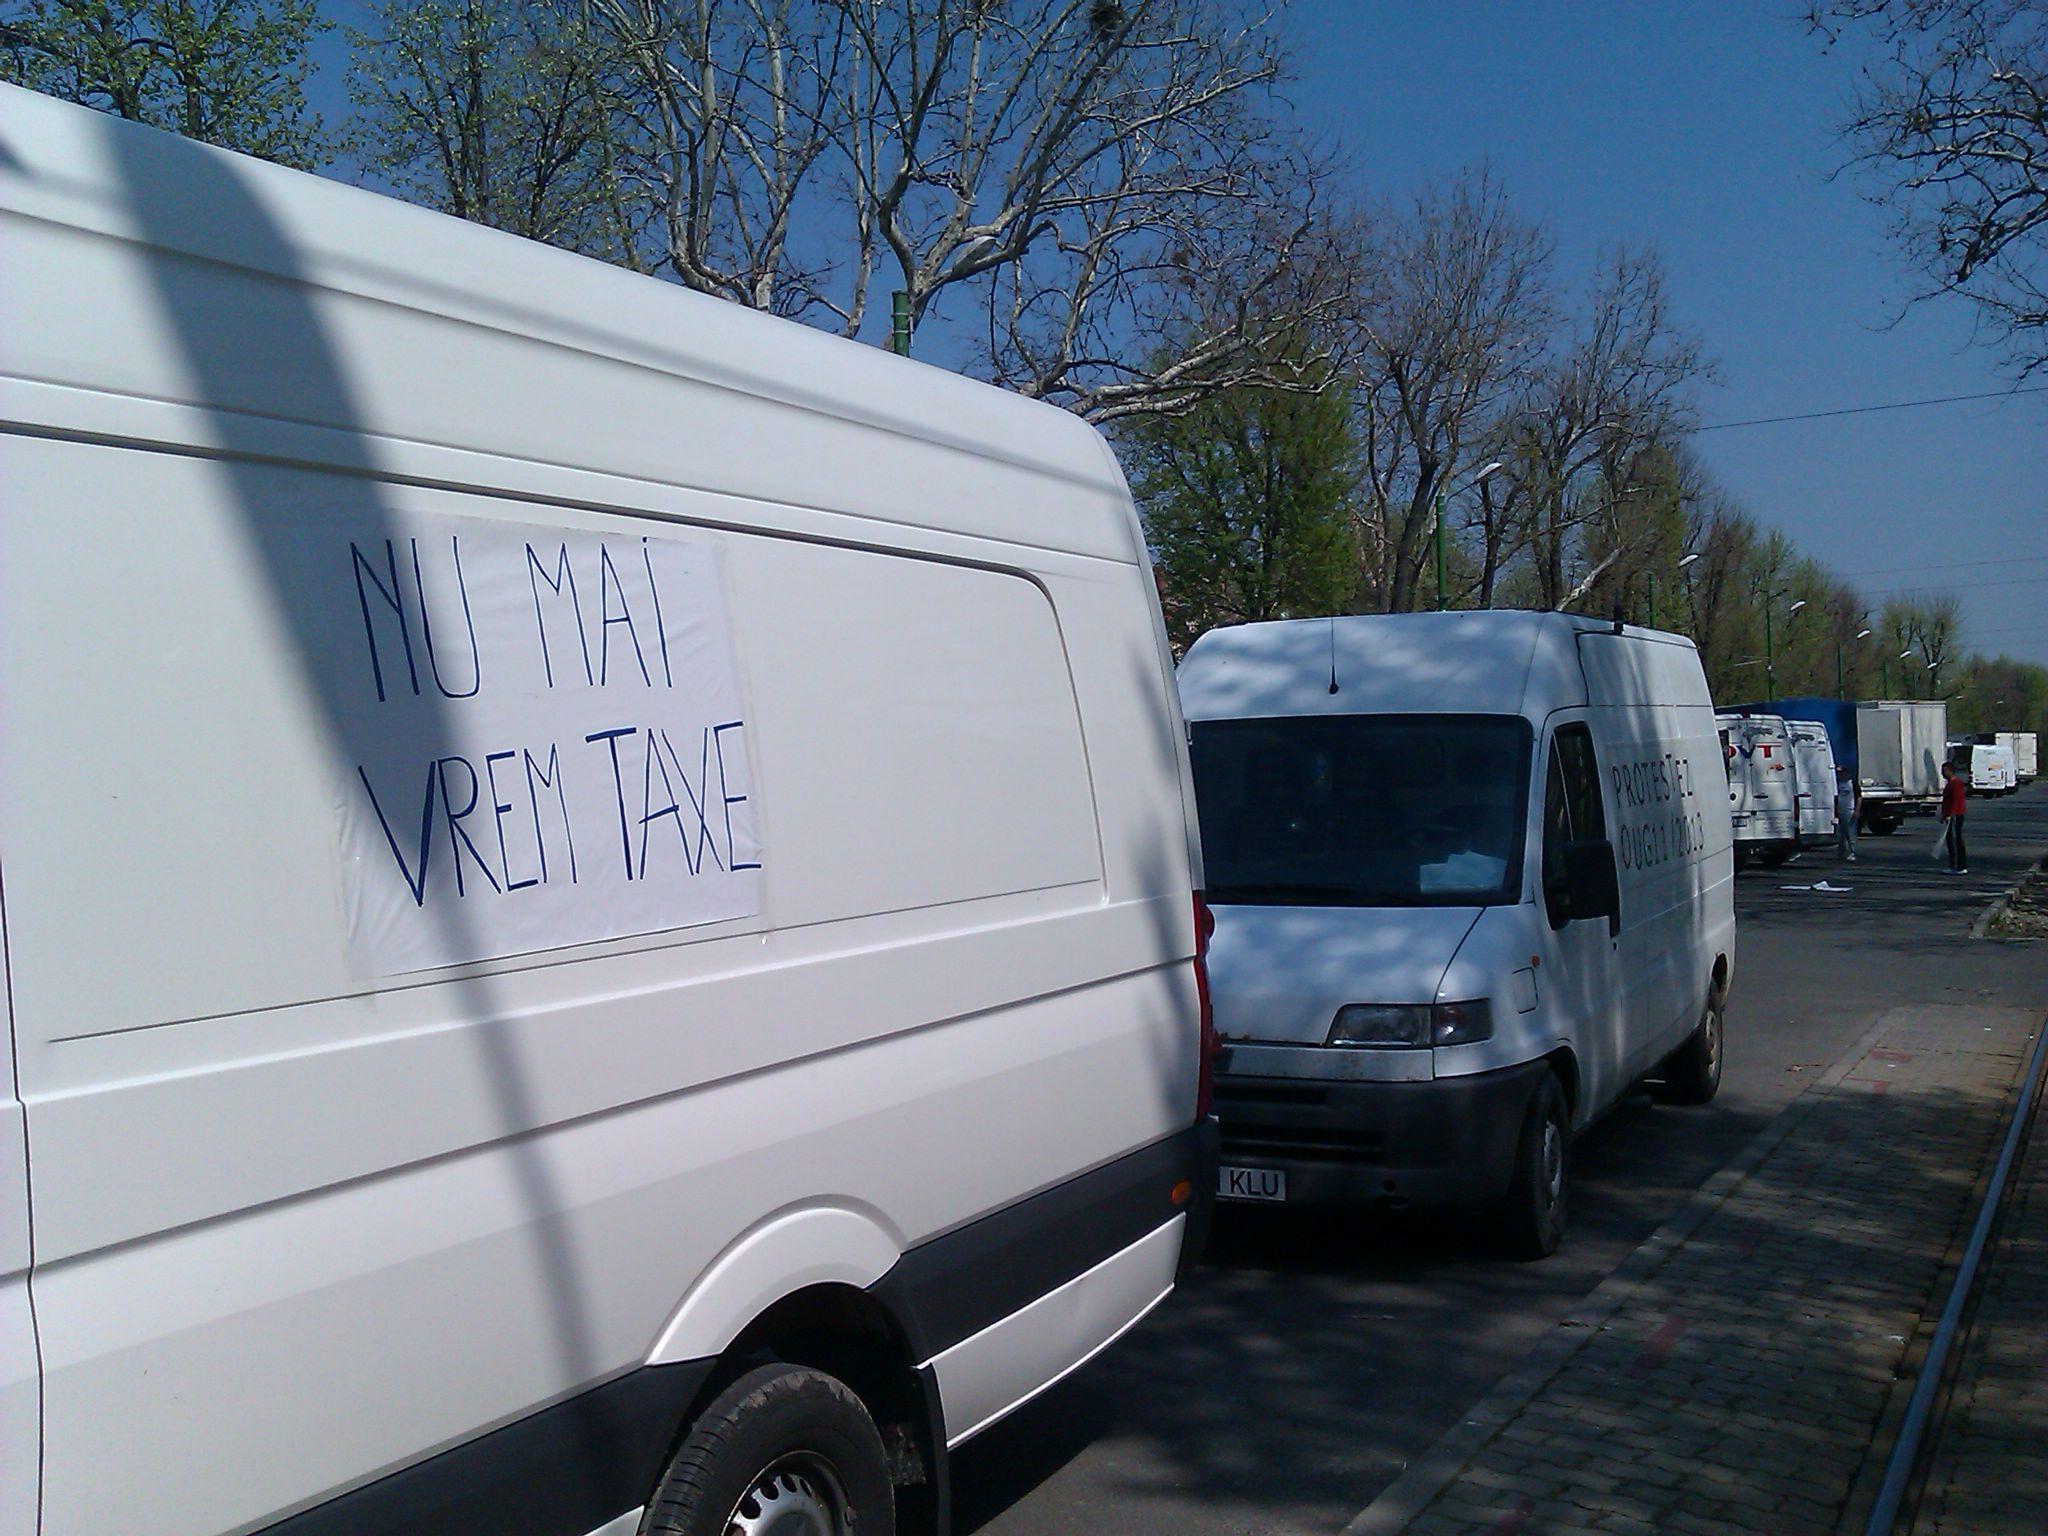 Protest fata de noi taxe. Zeci de transportatori si-au scos microbuzele si camionetele in strada